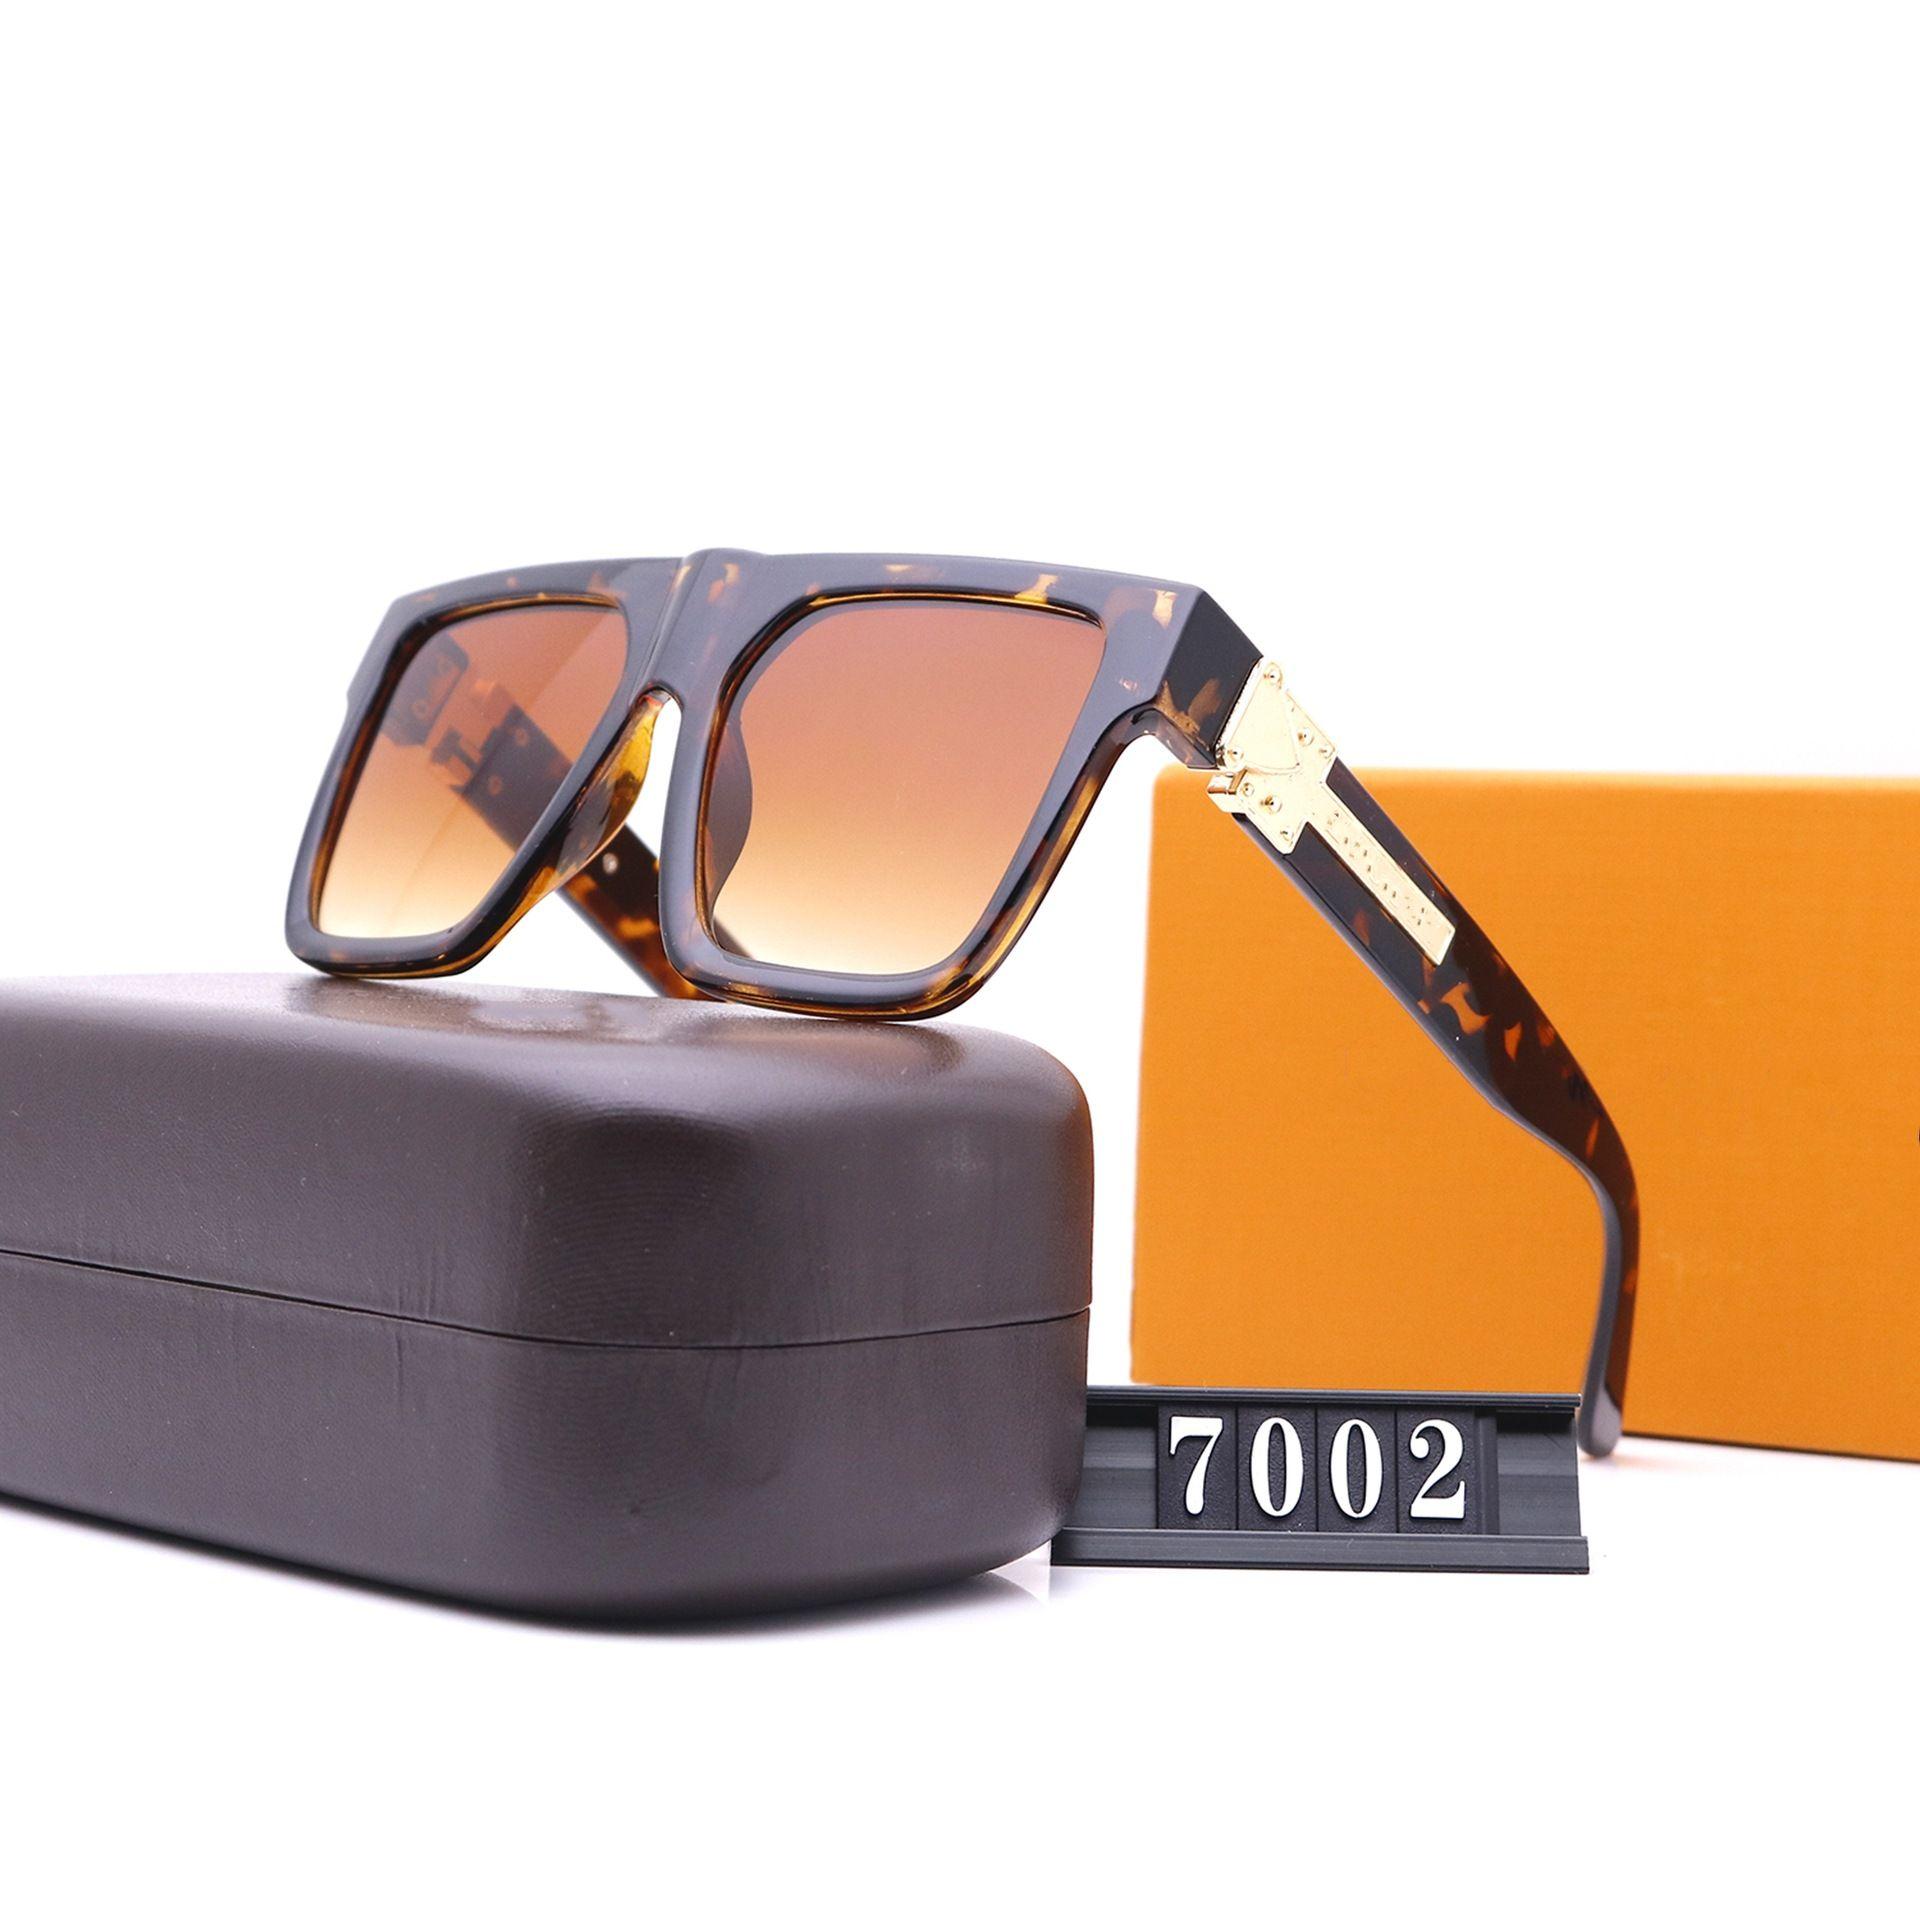 نظارات شمسية للإطار الكلاسيكي للنساء سبعة ألوان فاخر مصممين عالية الجودة HD الاستقطاب عدسات القيادة نظارات 7002